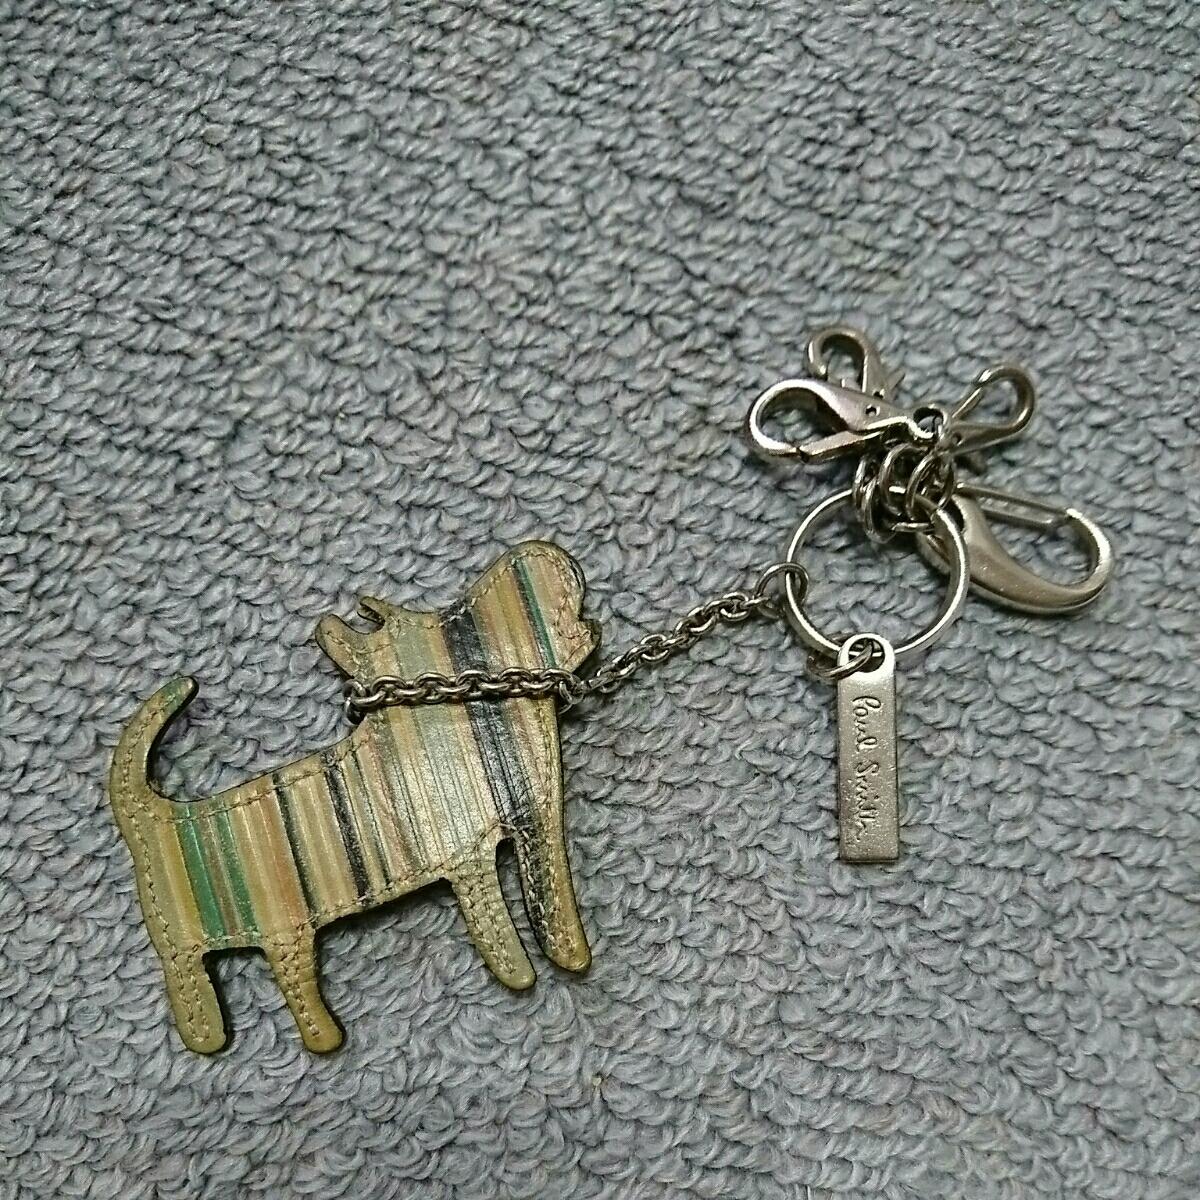 3fecce16aa31 ポールスミス キーリング キーケース キーホルダー 犬 ボーダー キーチェーン シルバー バッグ チャームの1番目